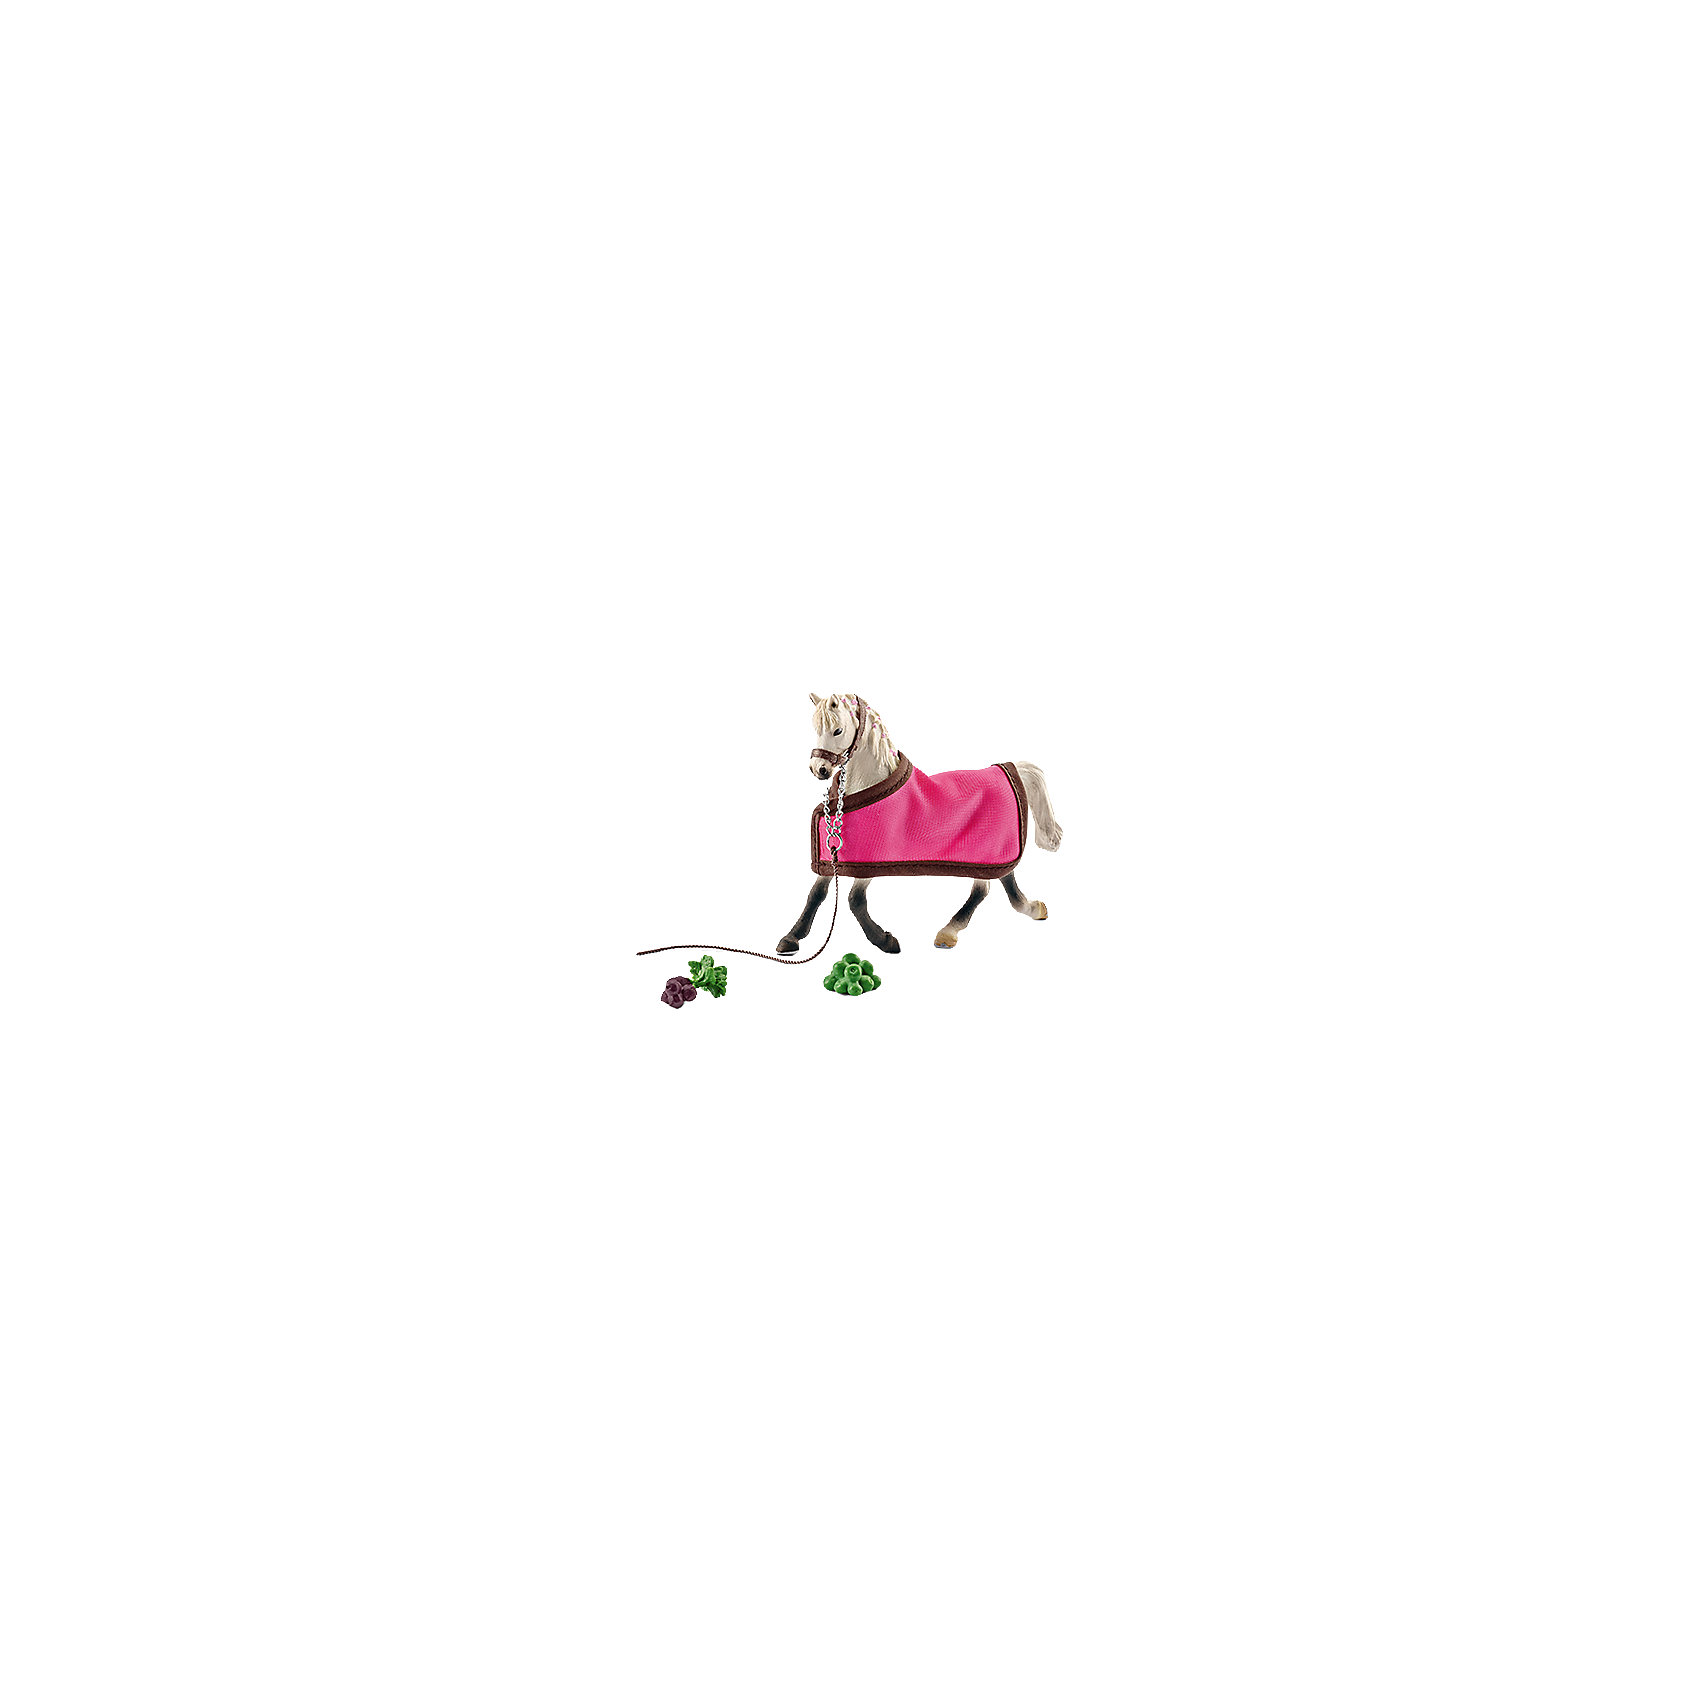 Арабская кобыла с покрывалом, SchleichМир животных<br>Арабская кобыла с накидкой, Schleich (Шляйх) – это высококачественная коллекционная и игровая фигурка.<br><br>Прекрасная фигурка белоснежной Арабской кобылы с накидкой станет прекрасным приобретением для ценителей фигурок лошадей.<br>Порода Арабских лошадей была выведена в Аравии. Порода отличается выносливостью, прекрасно поддается дрессировке. Раньше Арабская лошадь использовалась, прежде всего, как орудие войны. Лучшие боевые кобылы демонстрировали в бою выносливость и, как правило, никогда не продавались, а только могли быть преподнесены в качестве особо ценного подарка. Сейчас эта порода является самой популярной в мире и ежегодно завоевывает большое количество различных мировых наград.<br><br>В комплекте с фигуркой лошади есть яркая розовая накидка и муляжи фруктов и овощей для подкрепления сил перед скачками.<br><br>Прекрасно выполненные фигурки Schleich (Шляйх) являются максимально точной копией настоящих животных и отличаются высочайшим качеством игрушек ручной работы. Каждая фигурка разработана с учетом исследований в области педагогики.<br>Фигурка Арабской кобылы прекрасно разнообразит игру вашего ребенка и станет отличным пополнением коллекции его фигурок животных.<br><br>Все фигурки сделаны из гипоаллергенных высокотехнологичных материалов, раскрашены вручную и не вызывают аллергии у ребенка.<br><br>Дополнительная информация:<br><br>- Размер фигурки: 3x12,4x9,9 см.<br>- Материал: высококачественный каучуковый пластик.<br>- Состав: Фигурка, накидка, муляжи фруктов и овощей.<br><br>Фигурку Арабской лошади с накидкой, Schleich (Шляйх) можно купить в нашем интернет-магазине.<br><br>Ширина мм: 194<br>Глубина мм: 175<br>Высота мм: 55<br>Вес г: 200<br>Возраст от месяцев: 36<br>Возраст до месяцев: 96<br>Пол: Женский<br>Возраст: Детский<br>SKU: 4394635